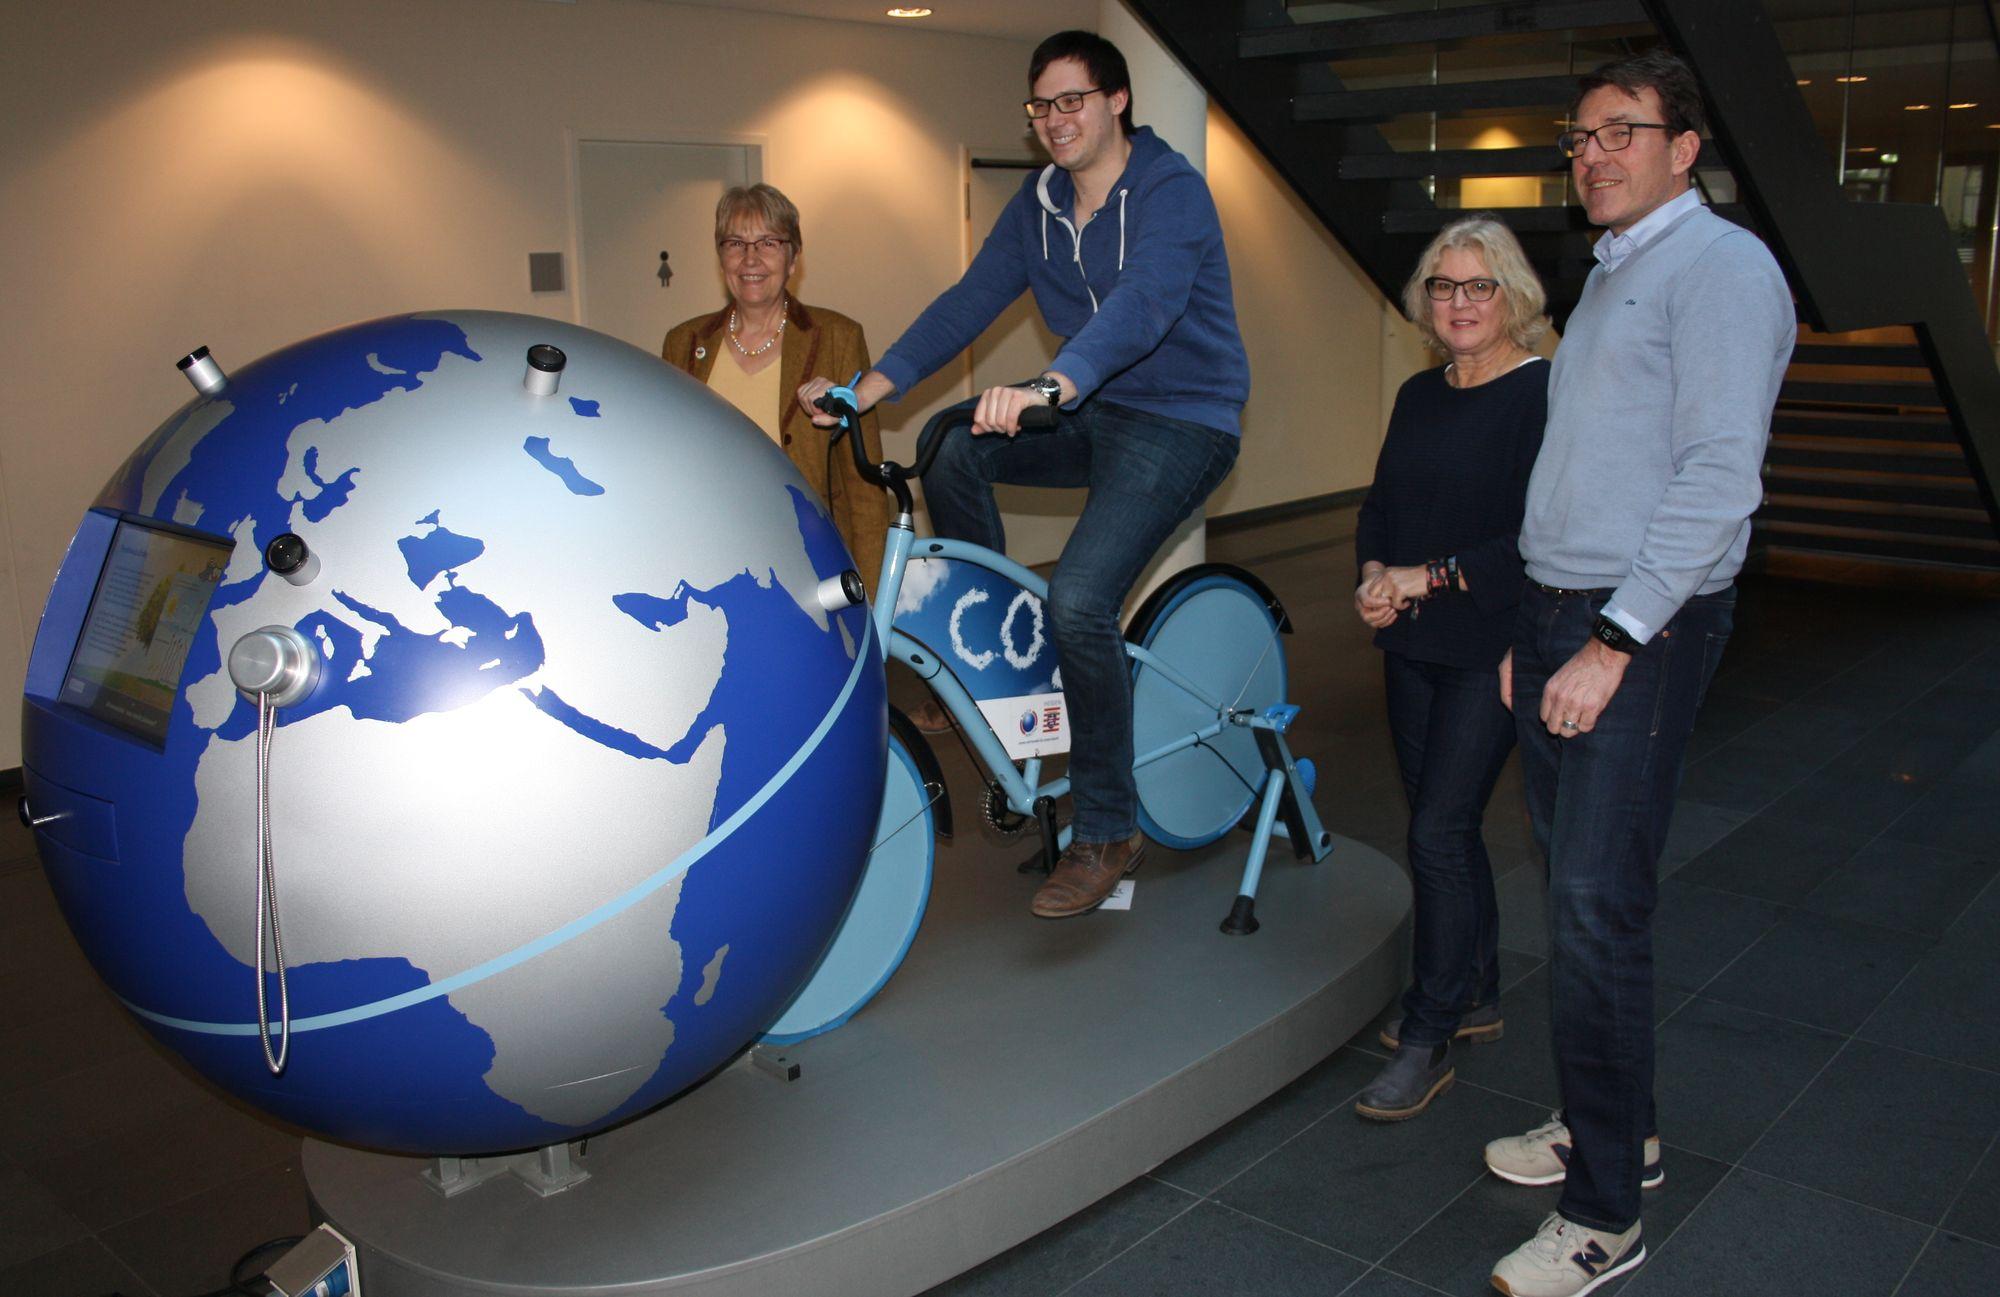 Gruppenbild bei Wanderausstellung zum Klimaschutz im Rathaus